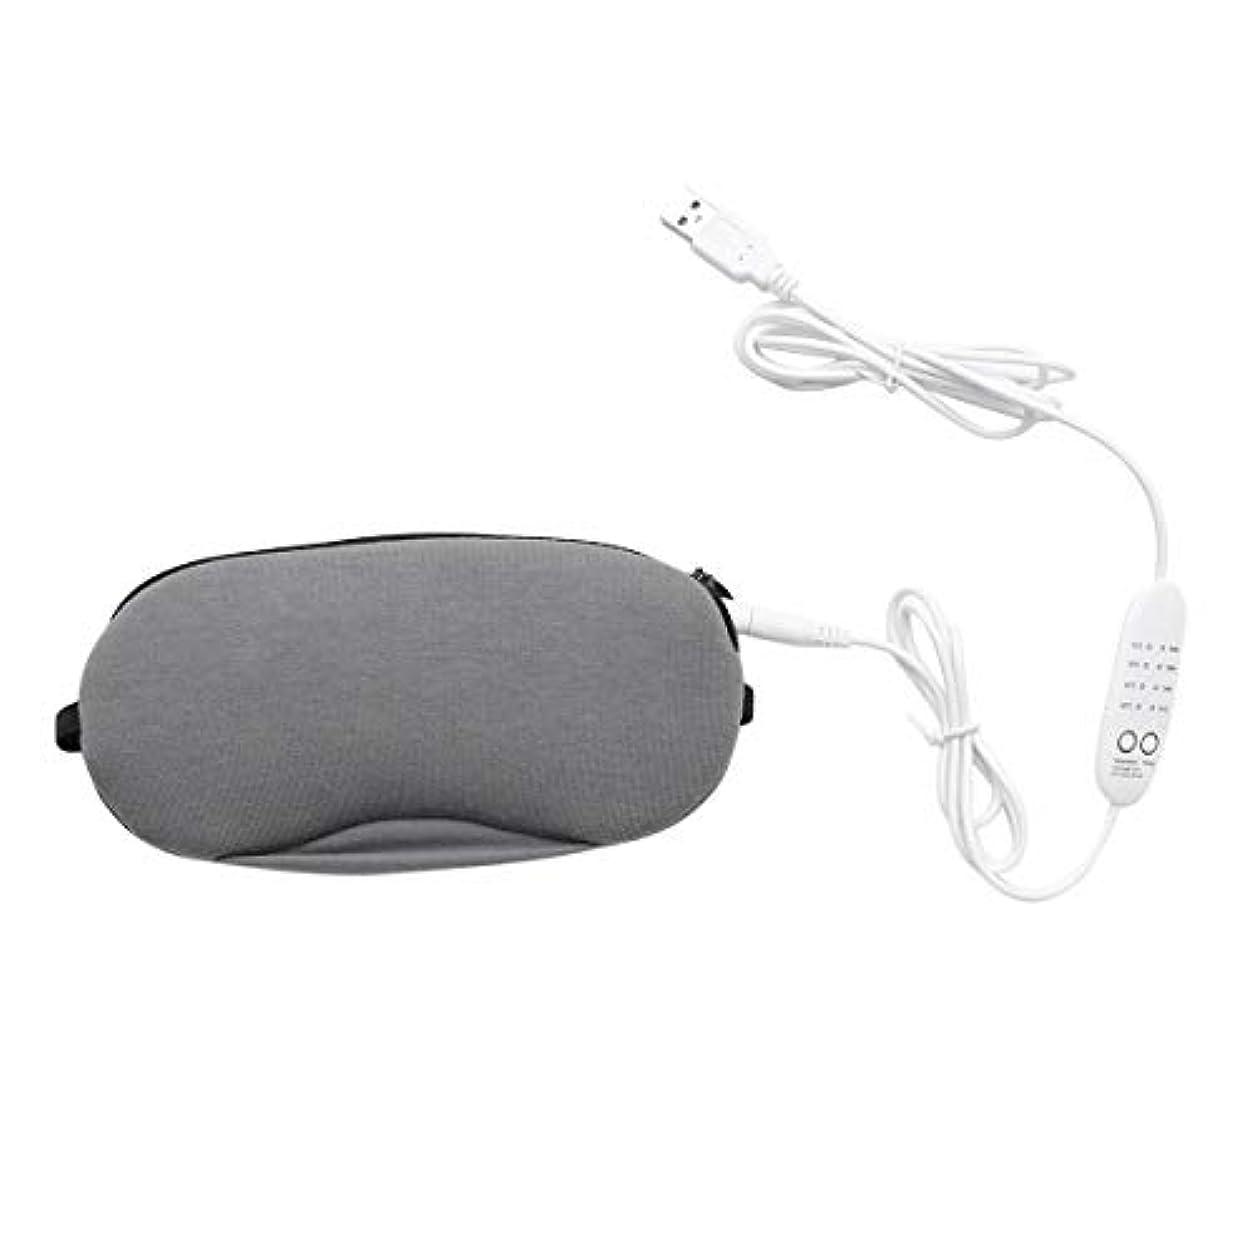 付き添い人起点遠近法SUPVOX スリーピングマスクUSBホットアイマスクポータブル電熱アイマスクウォーマー(温度調節可能)(グレー)